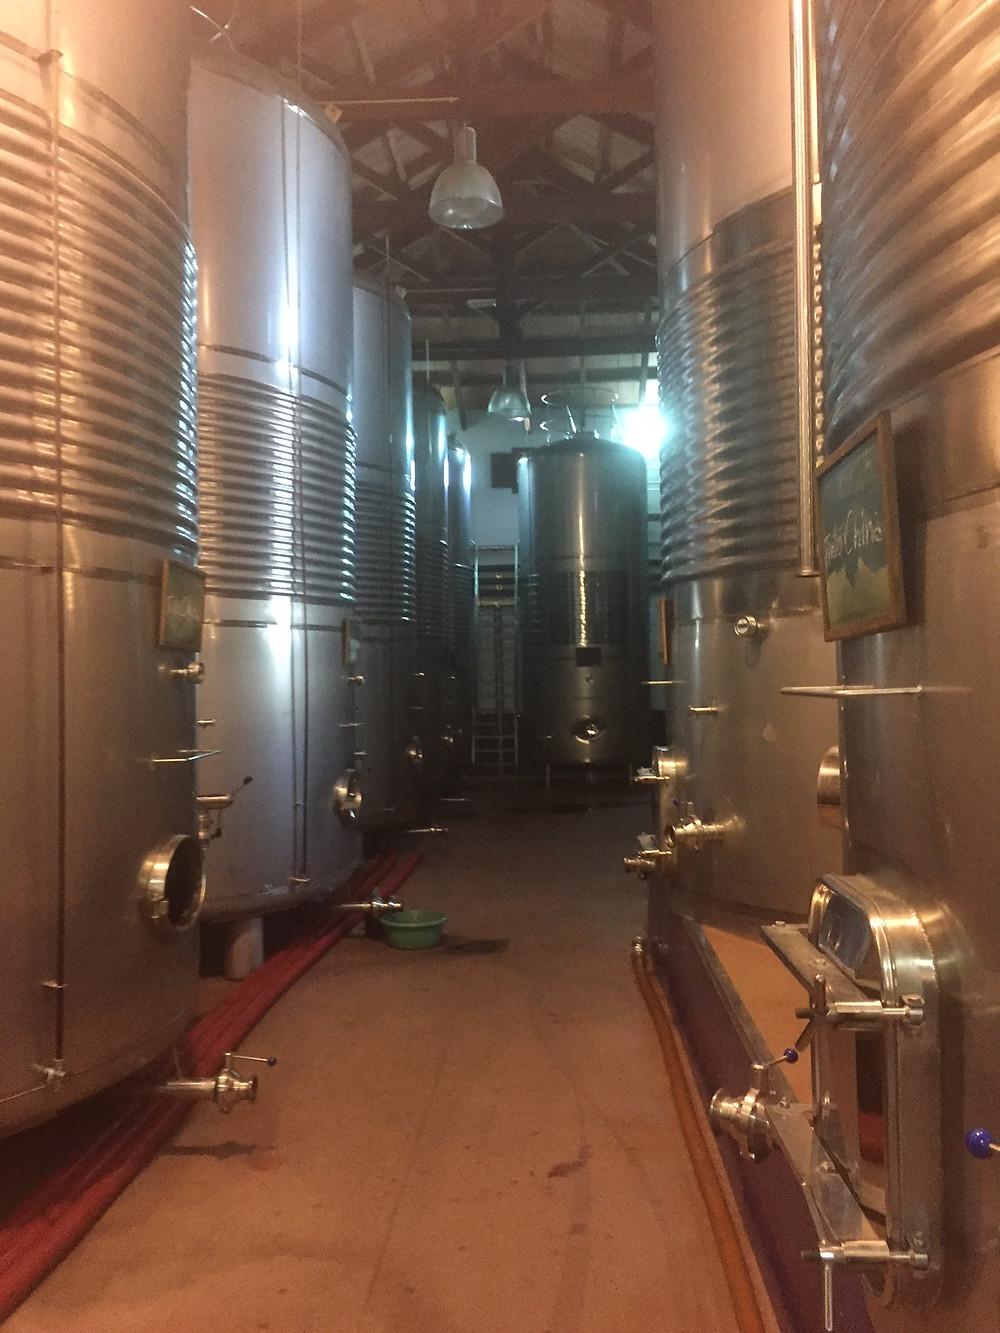 produção de vinho na região de Lá Mancha